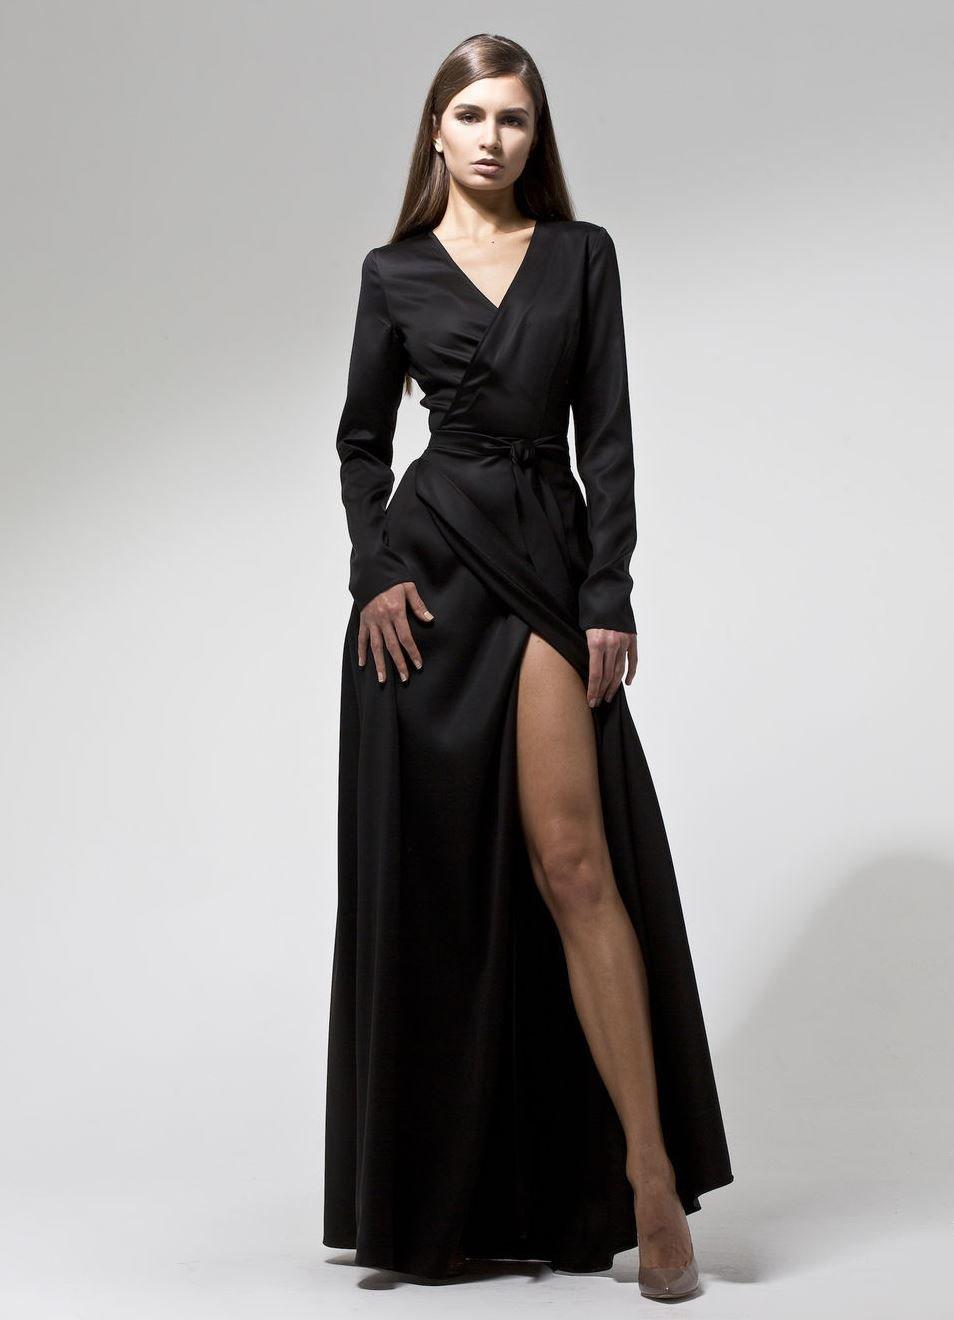 ac9284dca90 Длинное шелковое платье на запах » — карточка пользователя ira ...